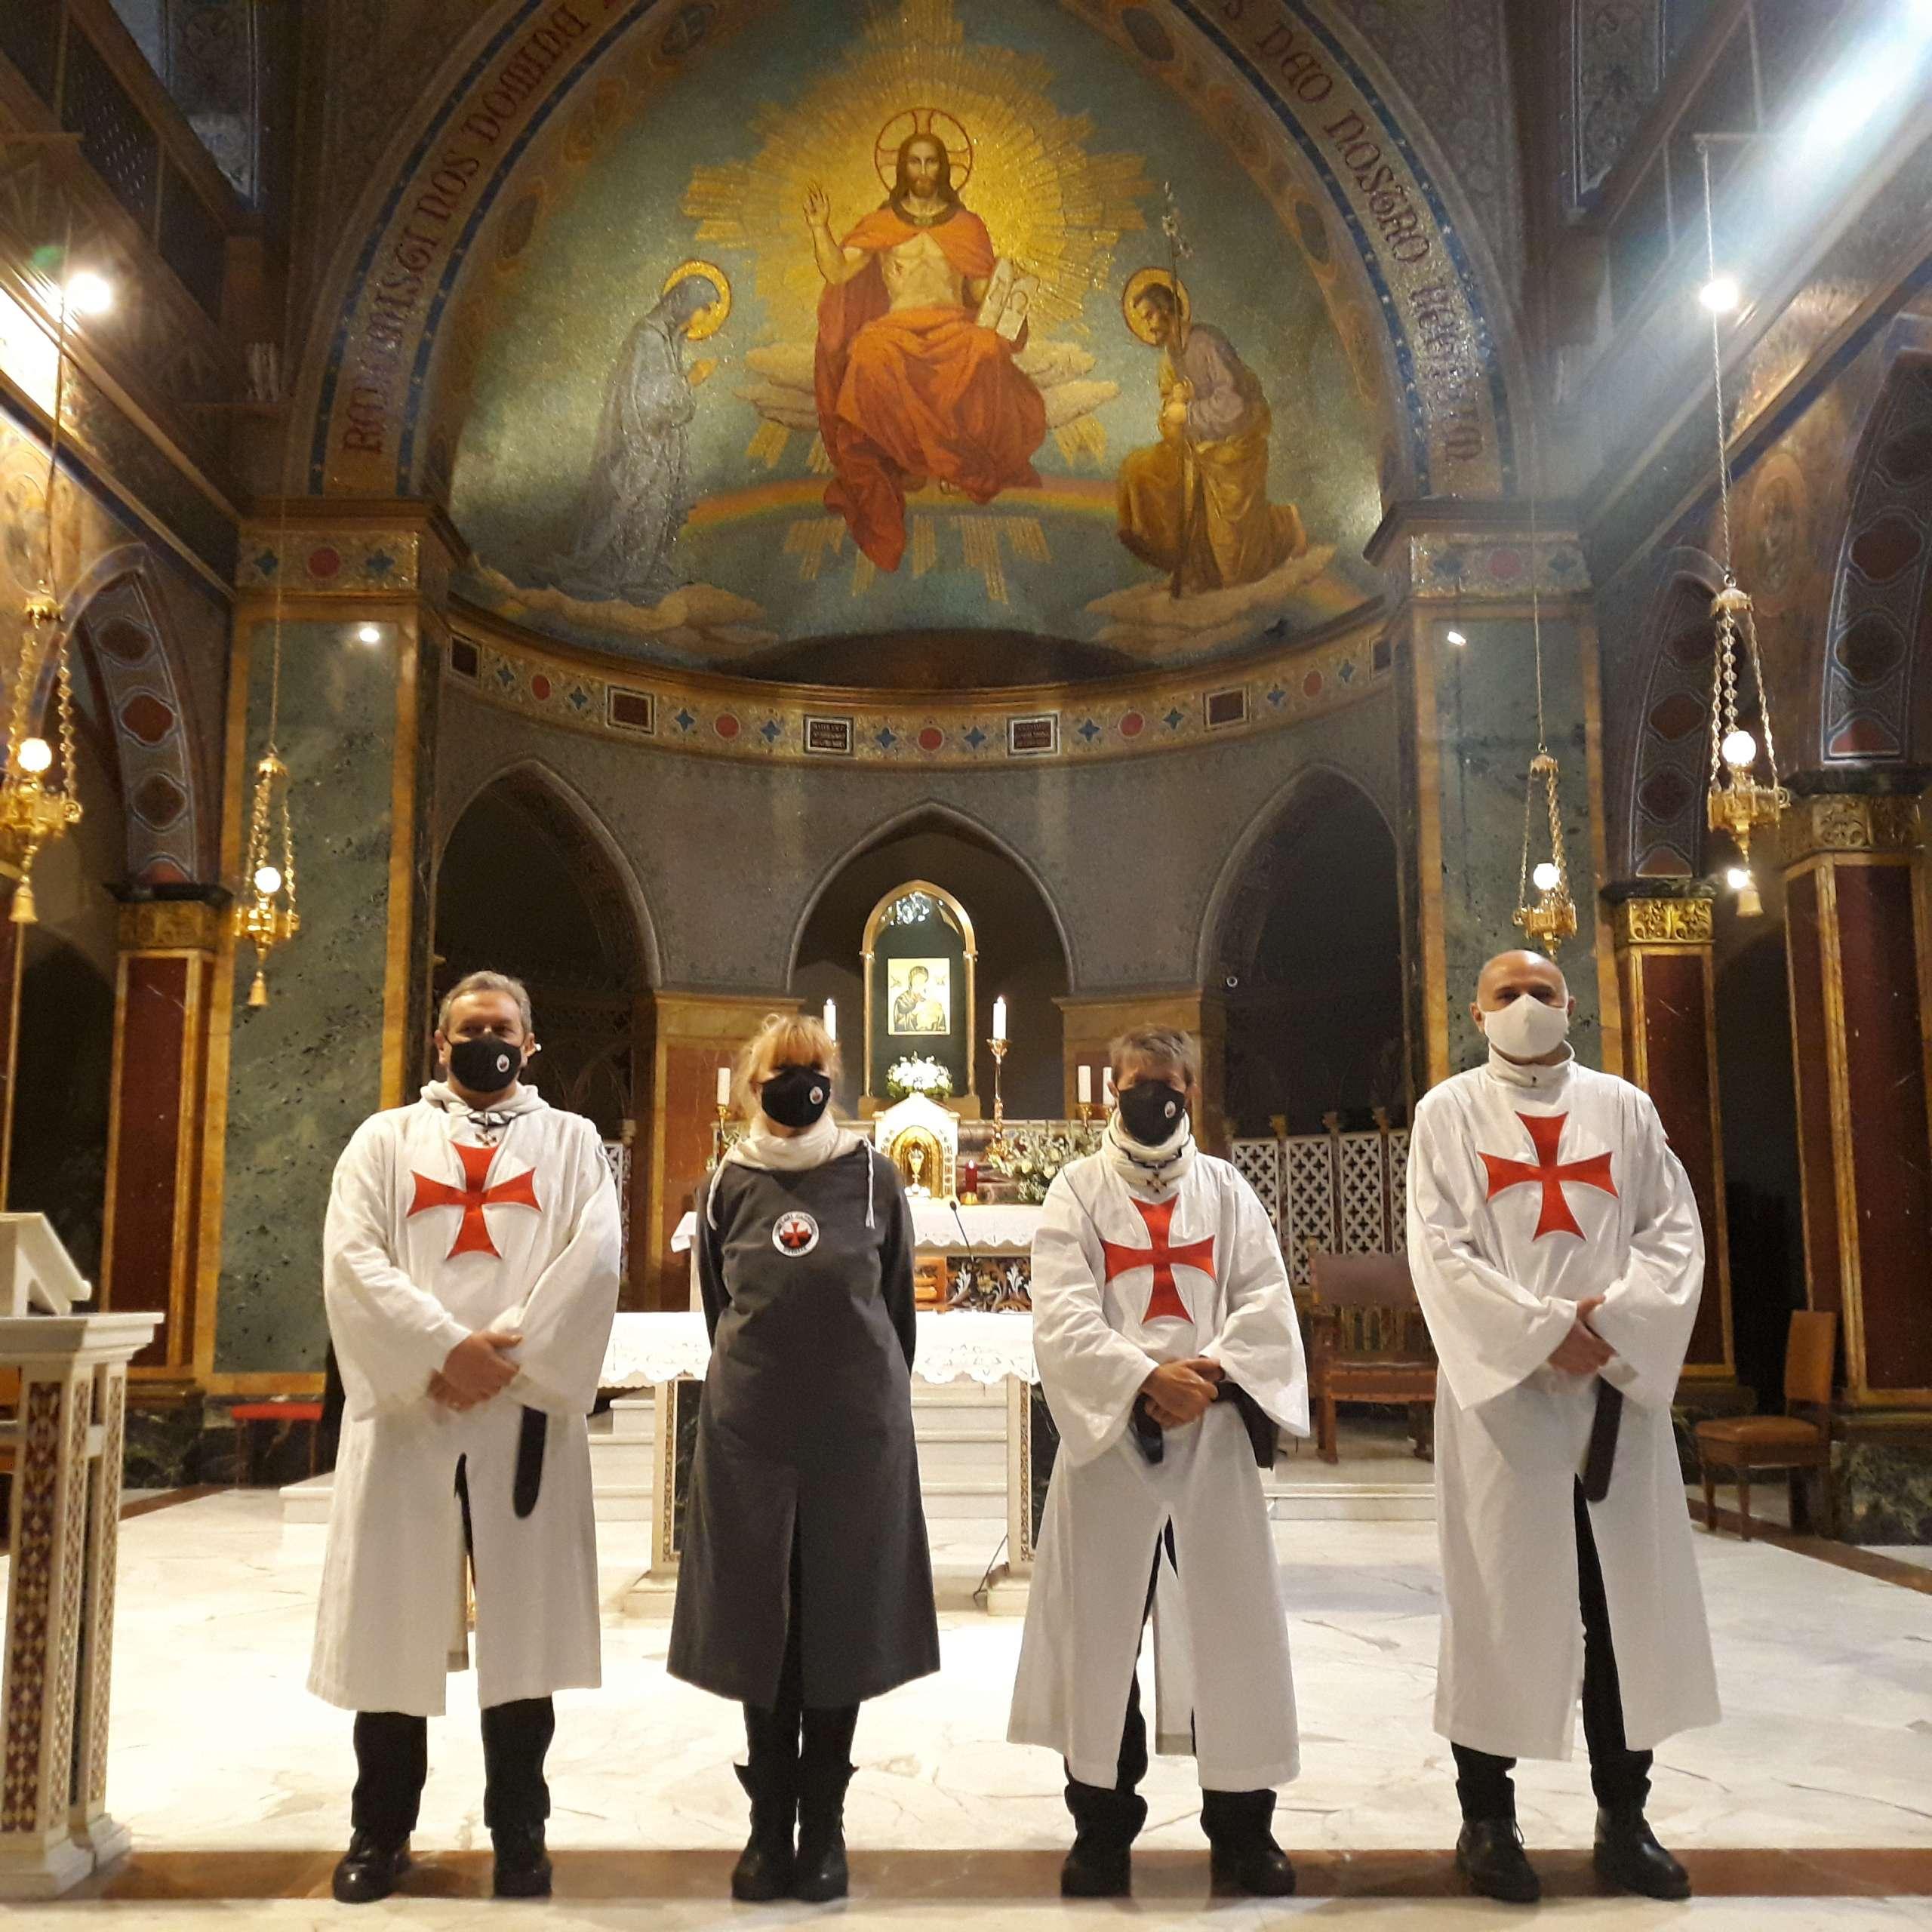 Turno di custodia Chiesa S. Alfonso all'Esquilino a Roma 23.01.2021